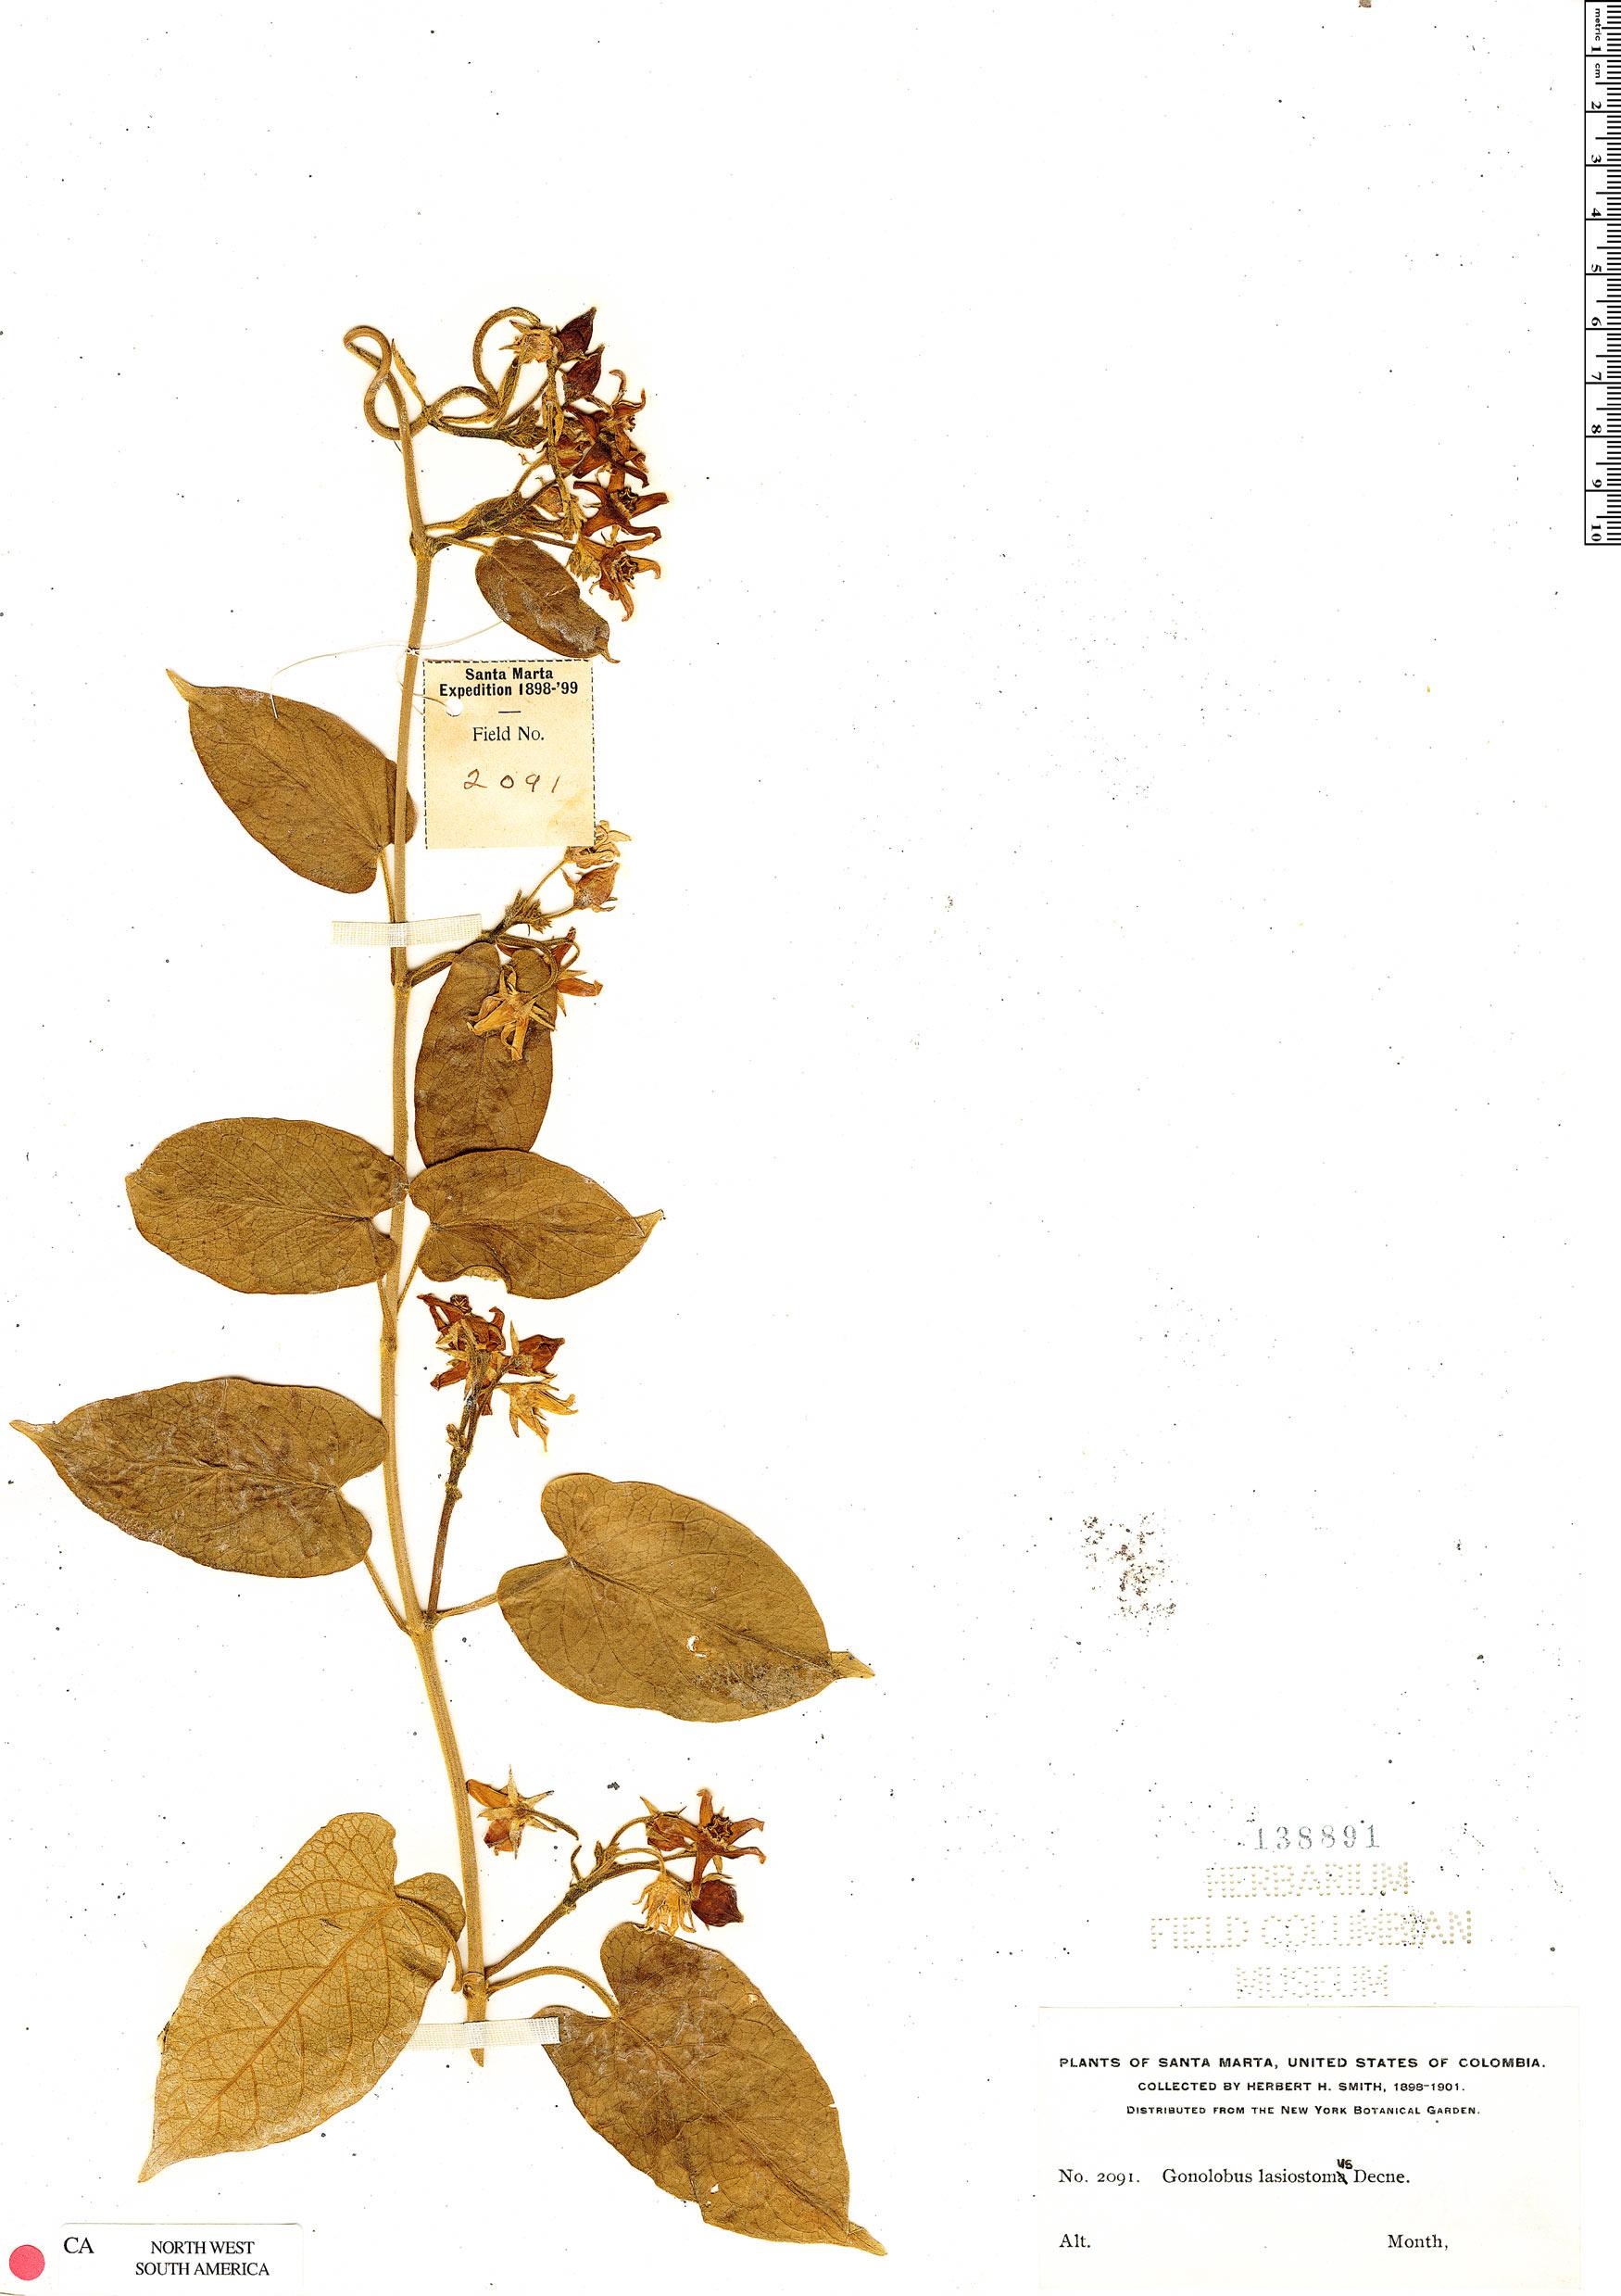 Specimen: Gonolobus lasiostomus